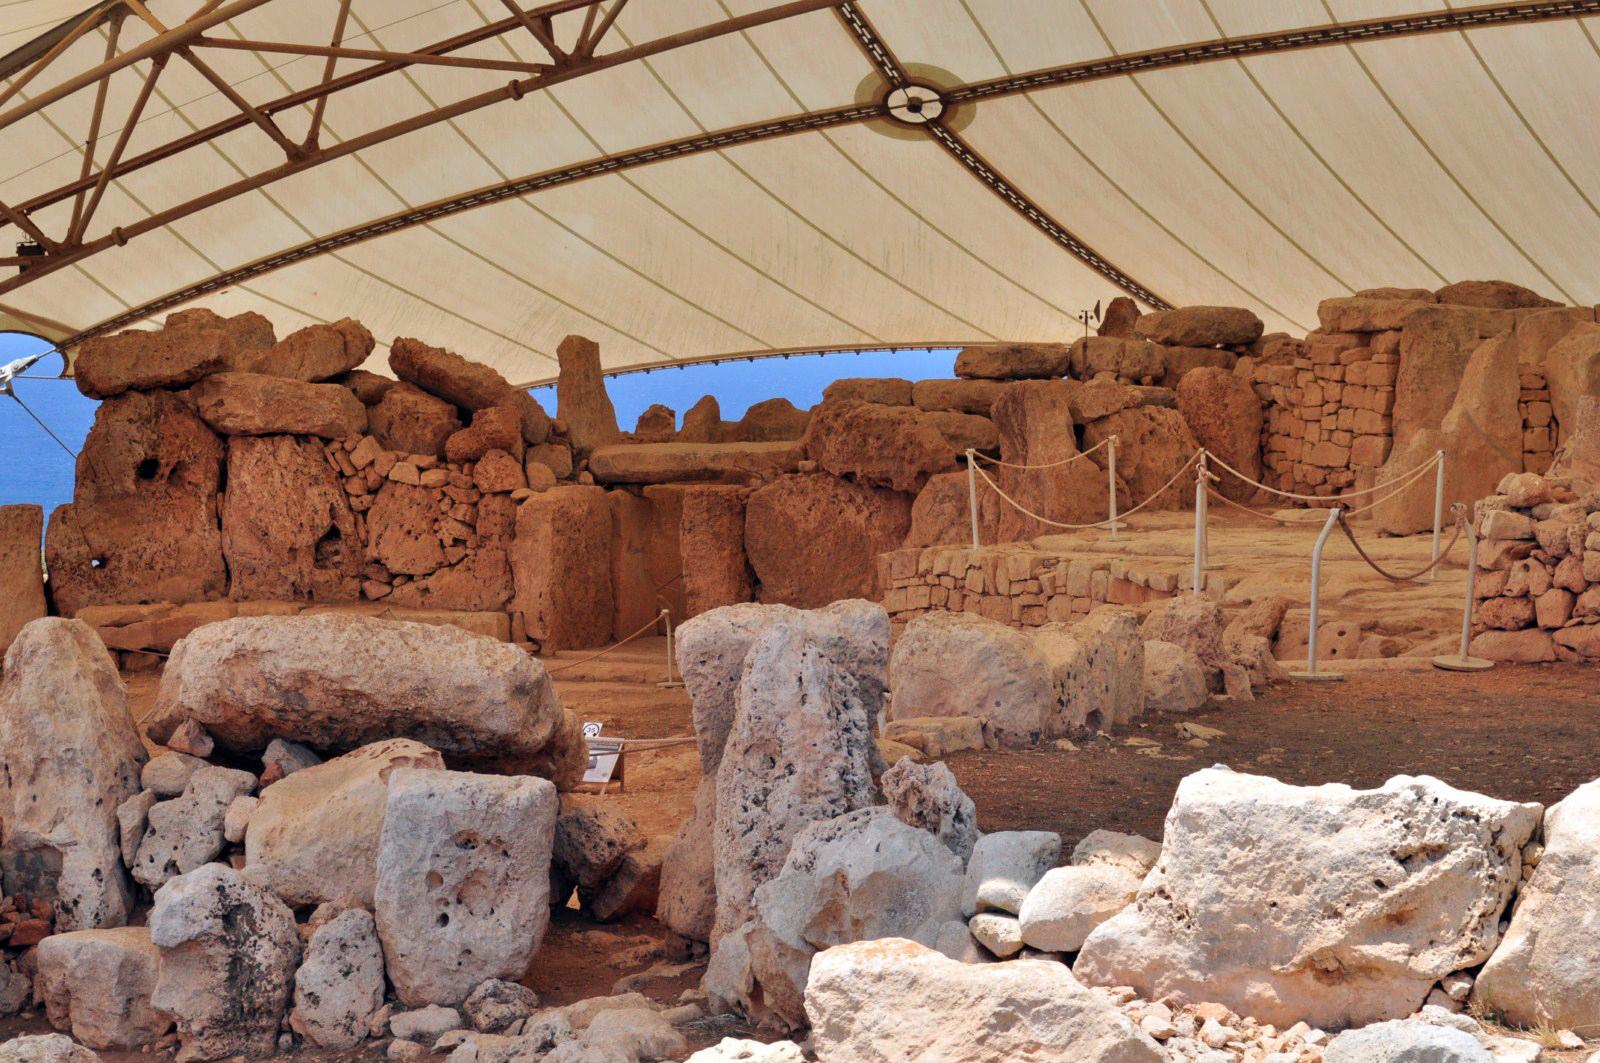 Templos de Hagar Qim y Mnajdra templos de hagar qim y mnajdra en malta - 9396343718 6f51764b2b o - Templos de Hagar Qim y Mnajdra en Malta